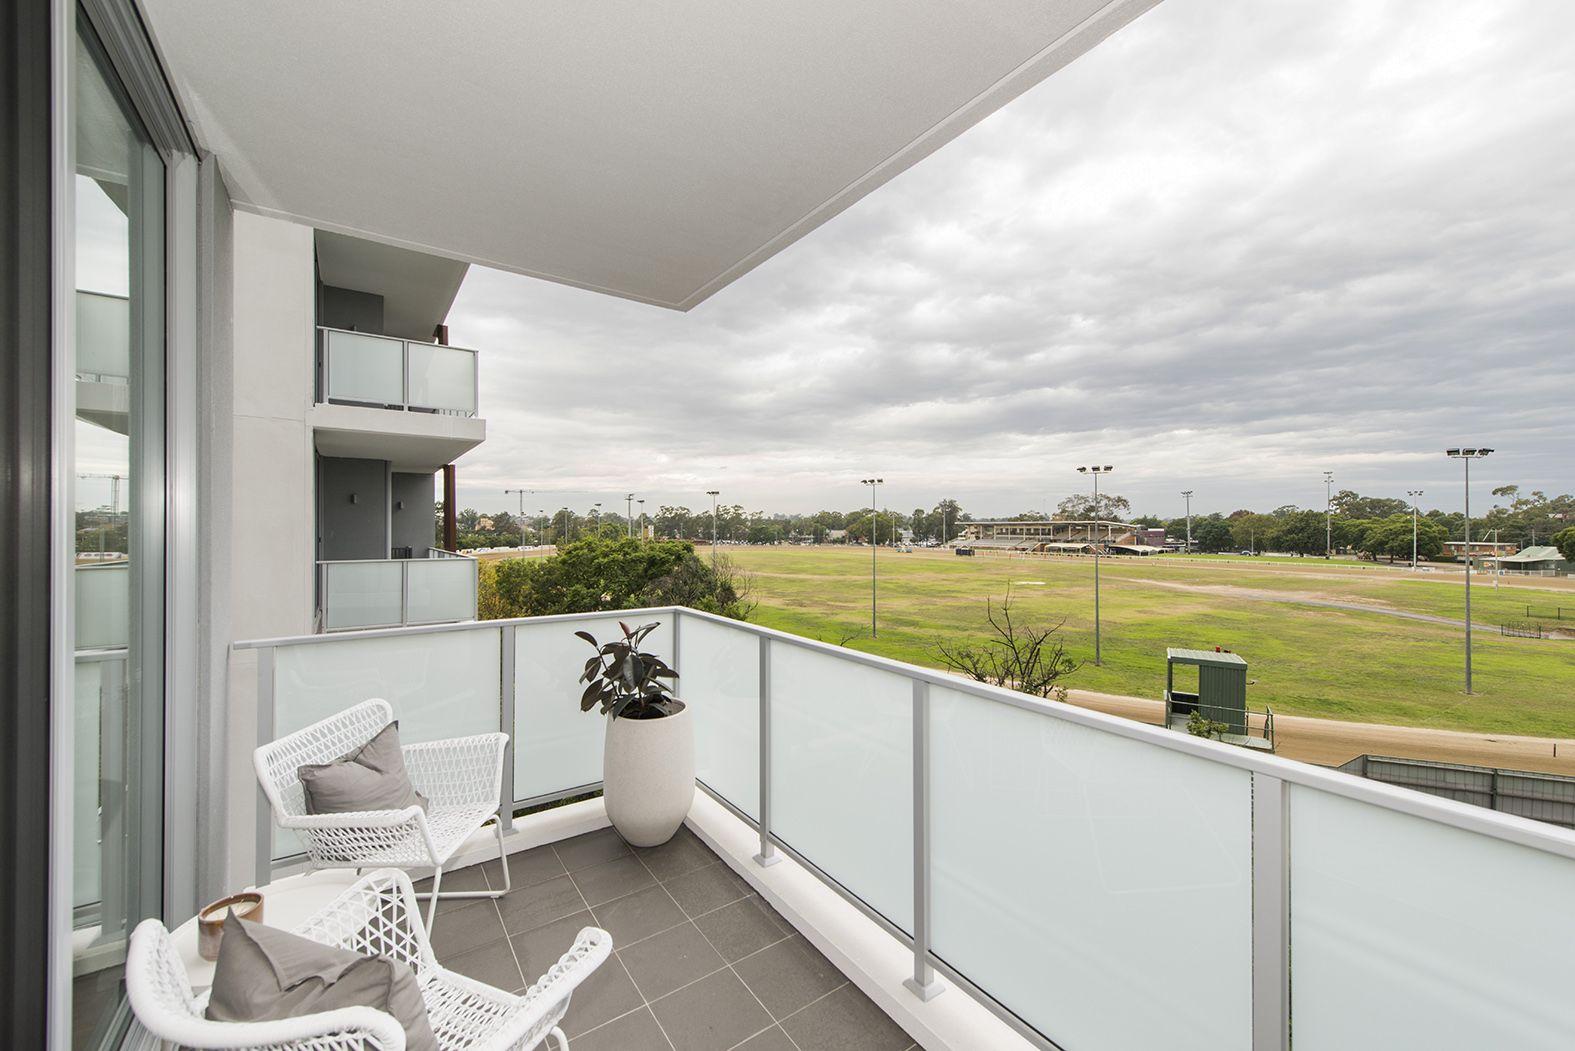 50-54 Rodley Avenue, Penrith NSW 2750, Image 0